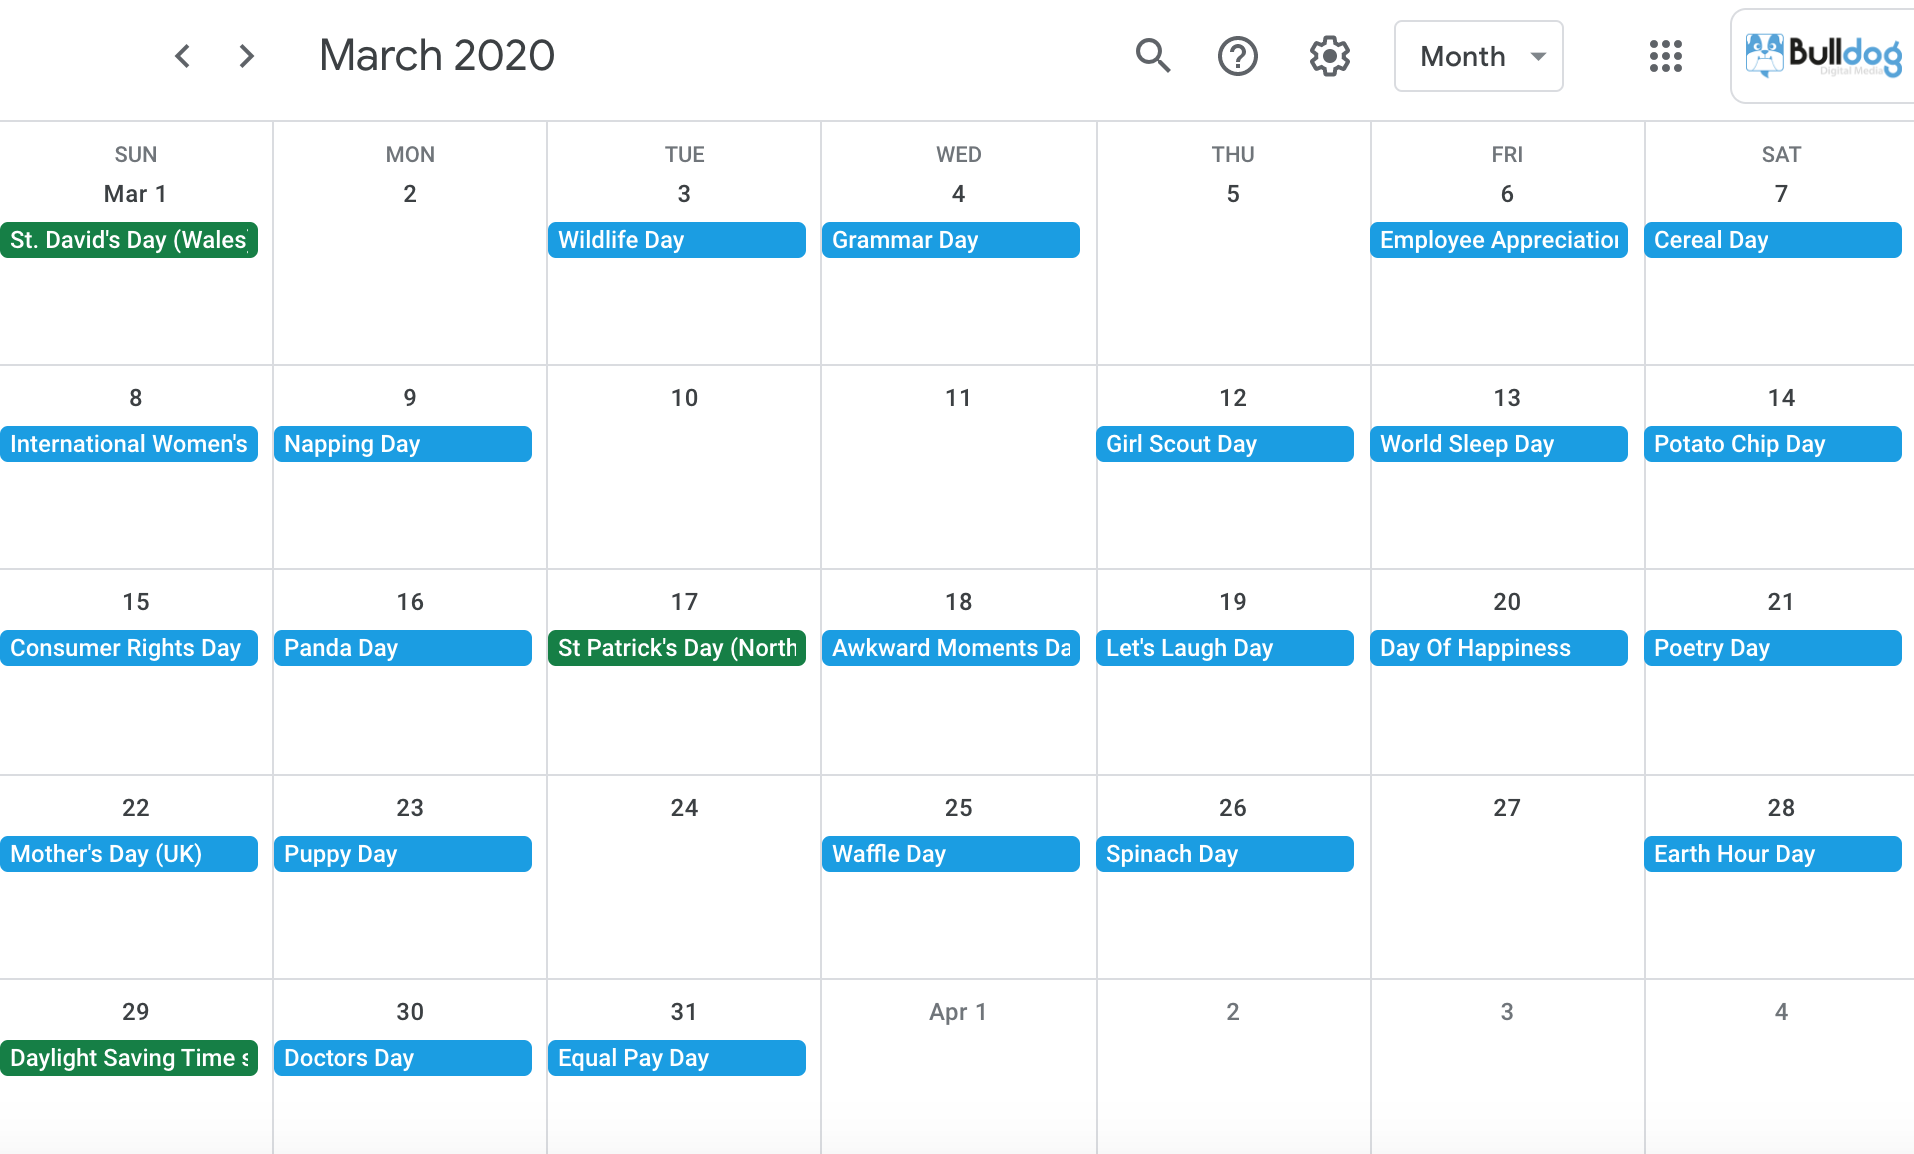 March 2020 social media holidays calendar